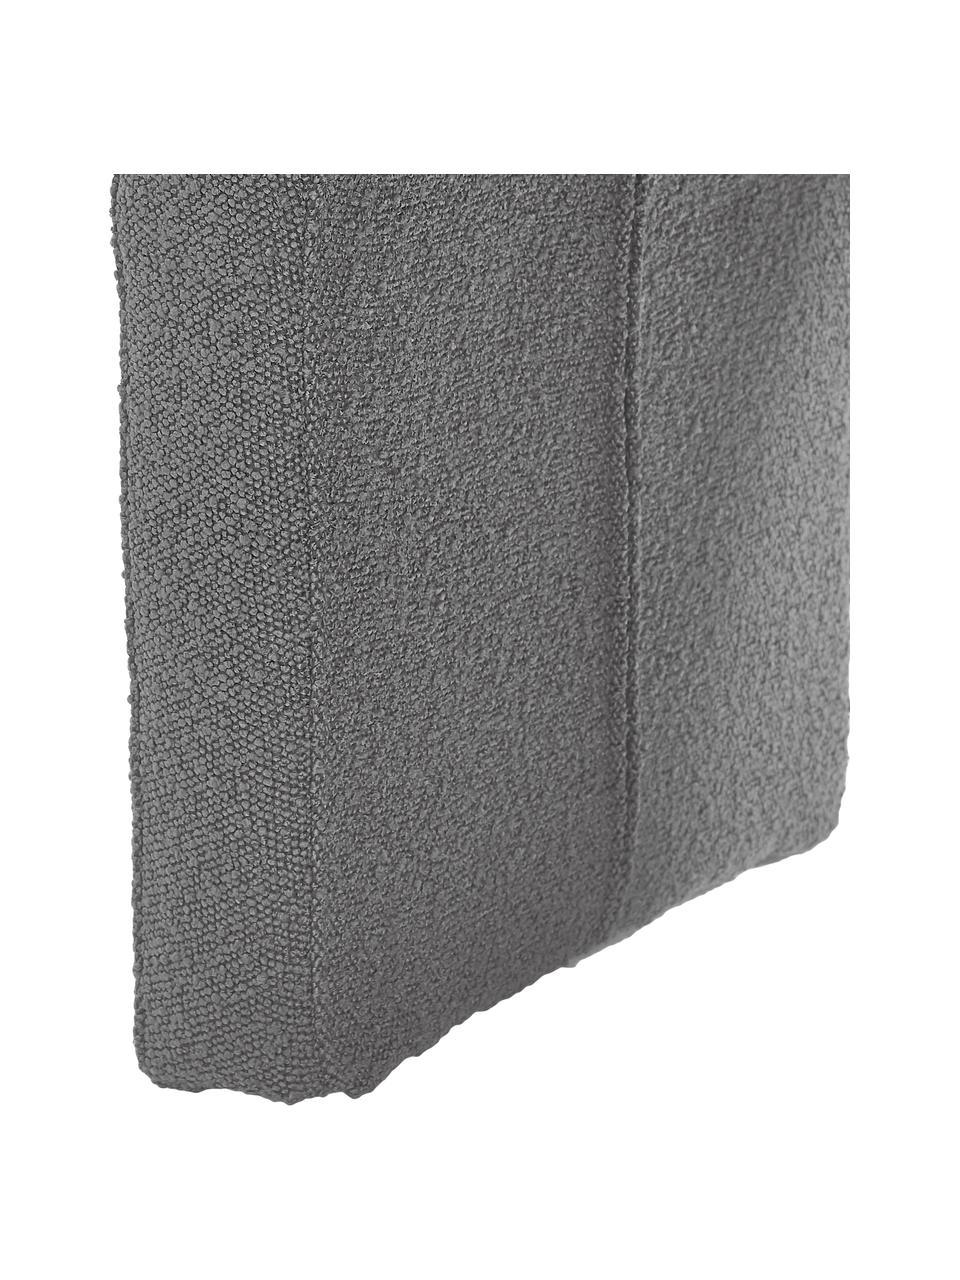 Tabouret en tissu bouclé Pénélope, Tissu bouclé gris